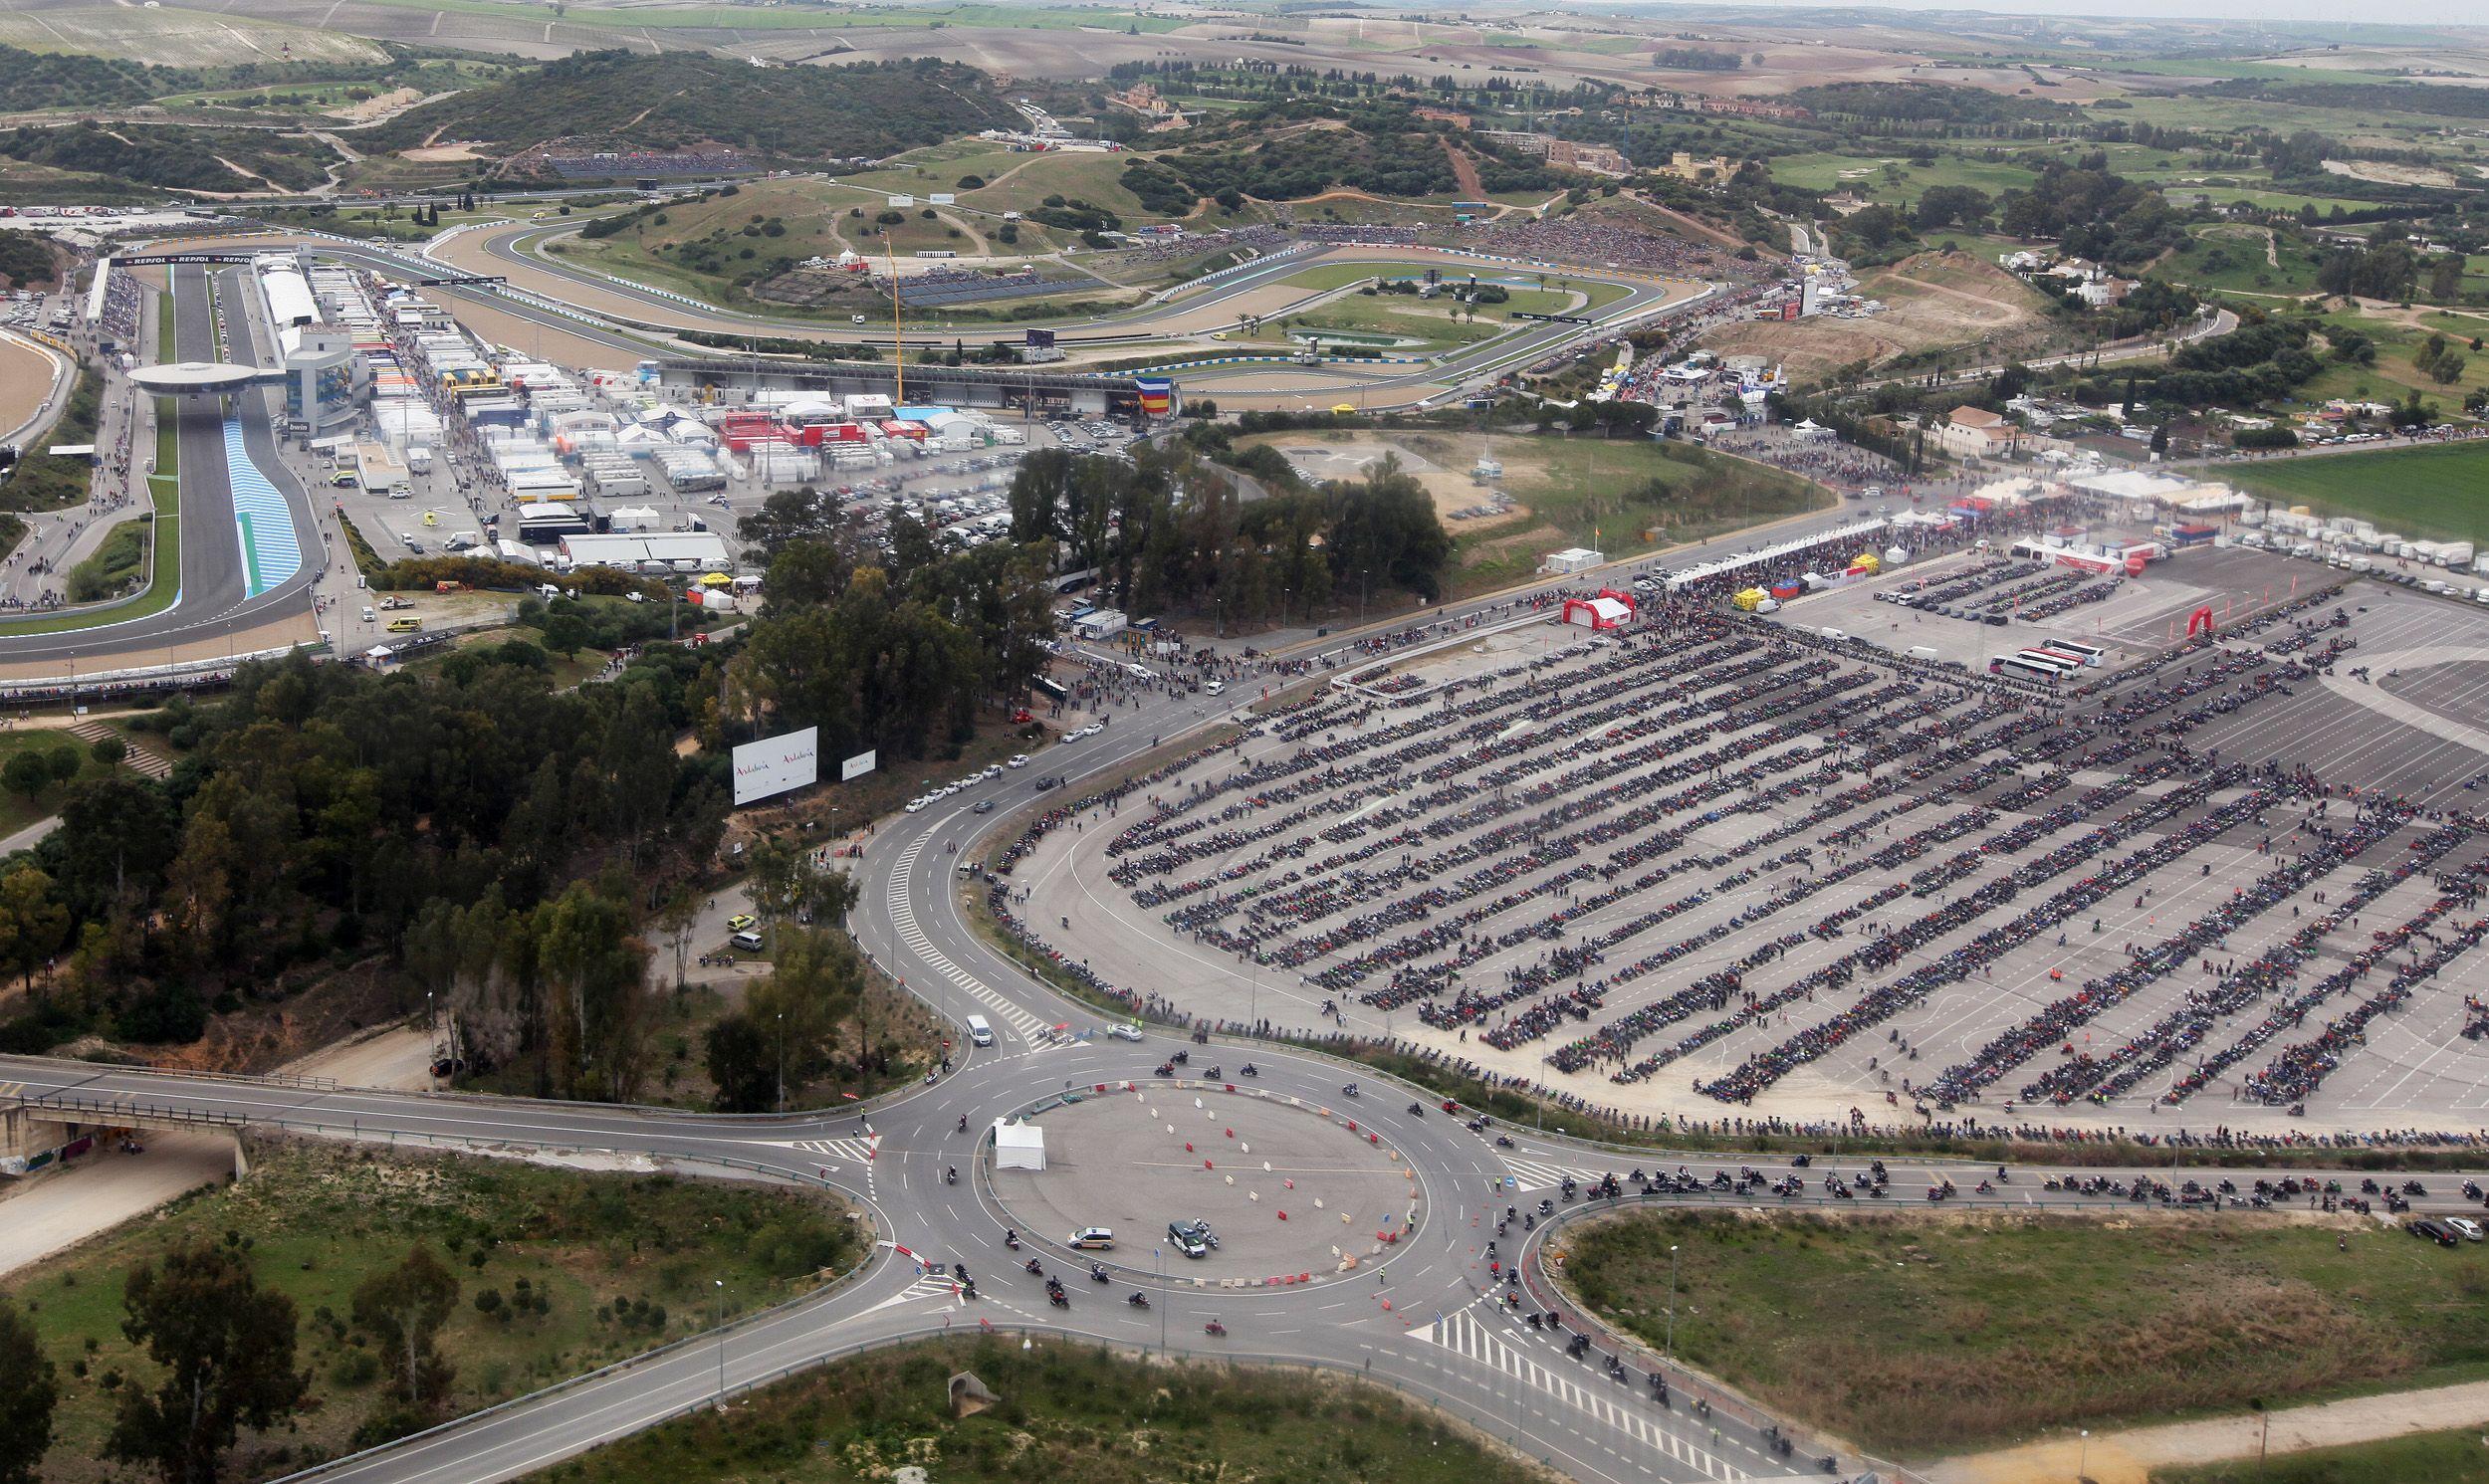 Circuito De Jerez : El circuito de jerez blinda su seguridad ante el mundial de motogp